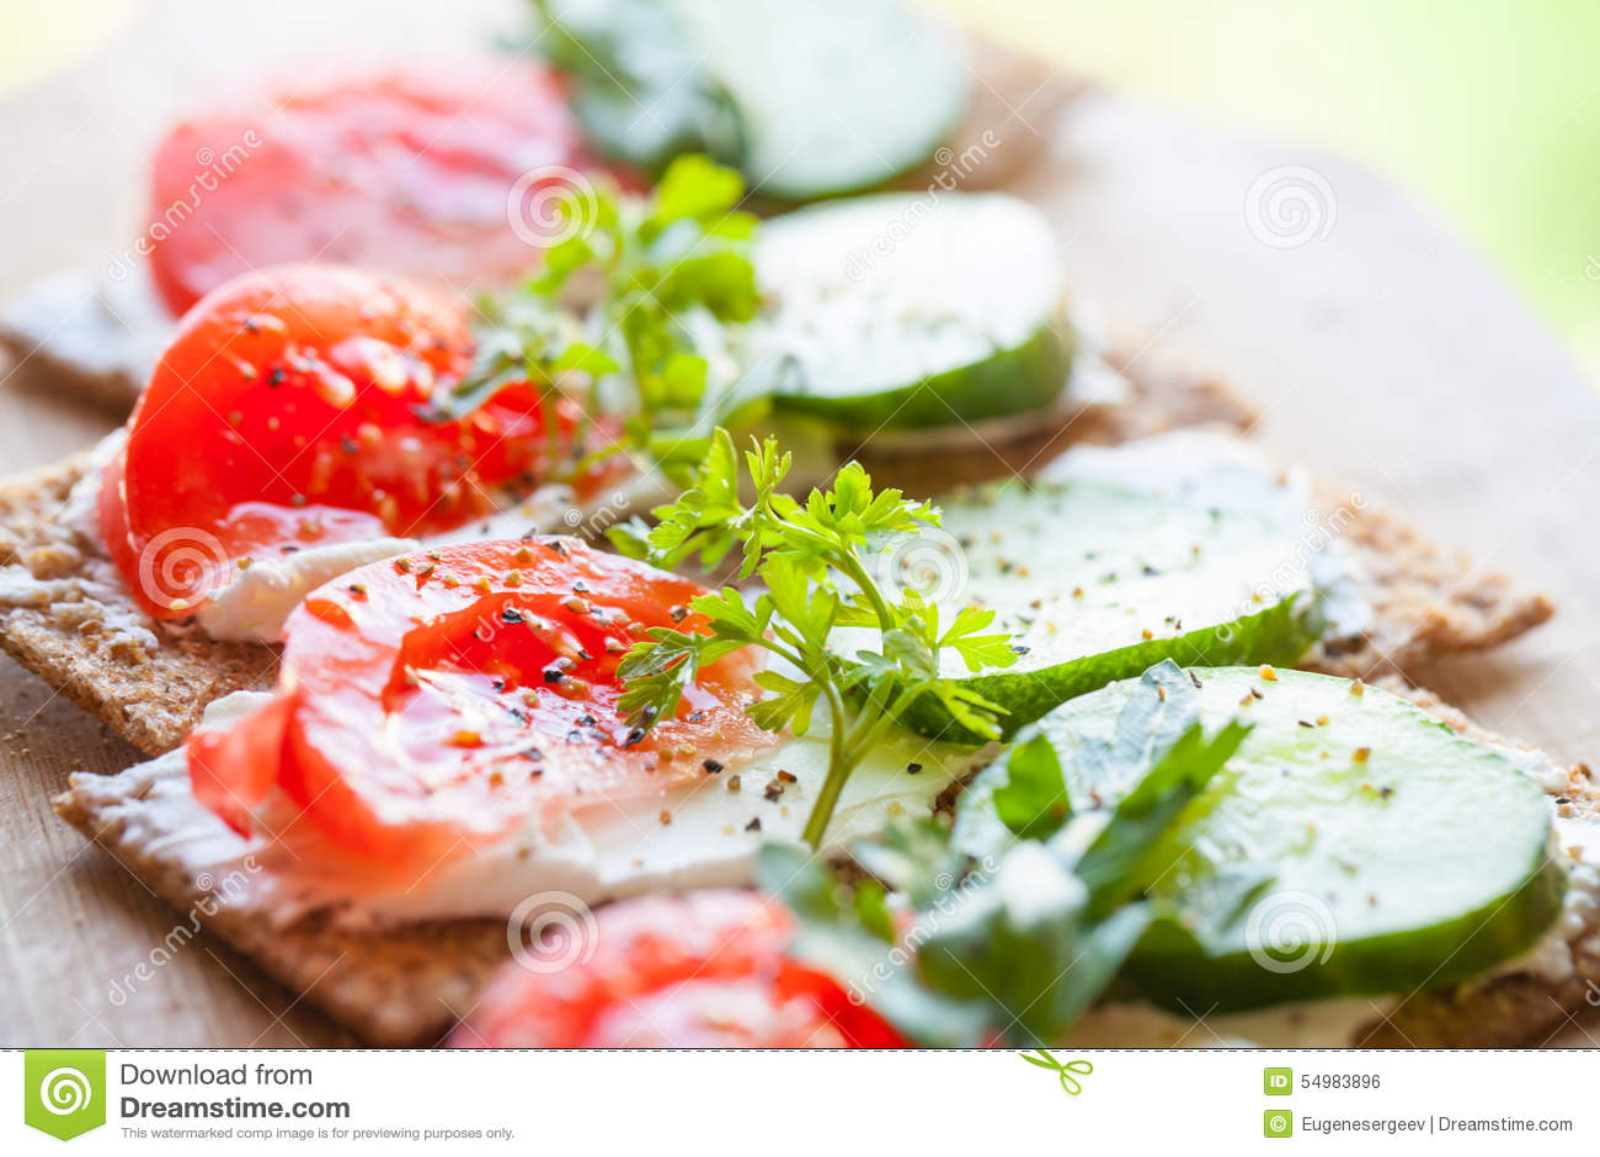 Helle Sandwiche Finnisches Roggenchipbrot